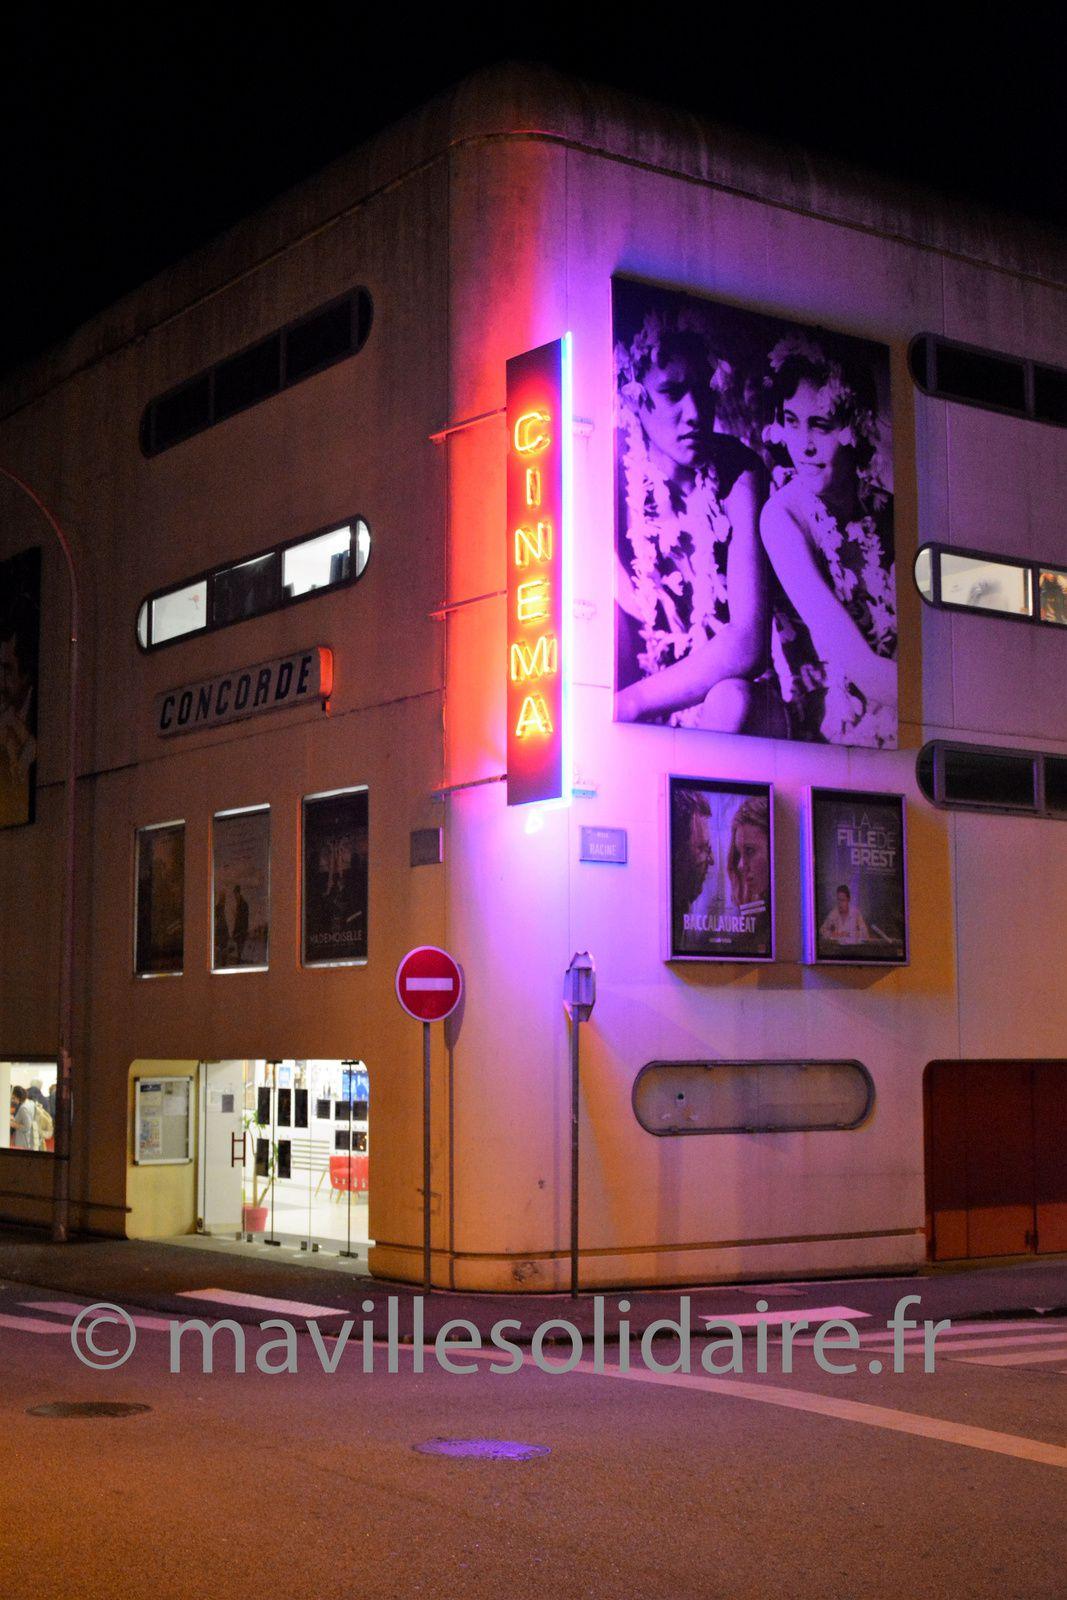 La Roche-sur-Yon. Une pétition en ligne &quot&#x3B;pour un Concorde de 4 salles à Piobetta&quot&#x3B;